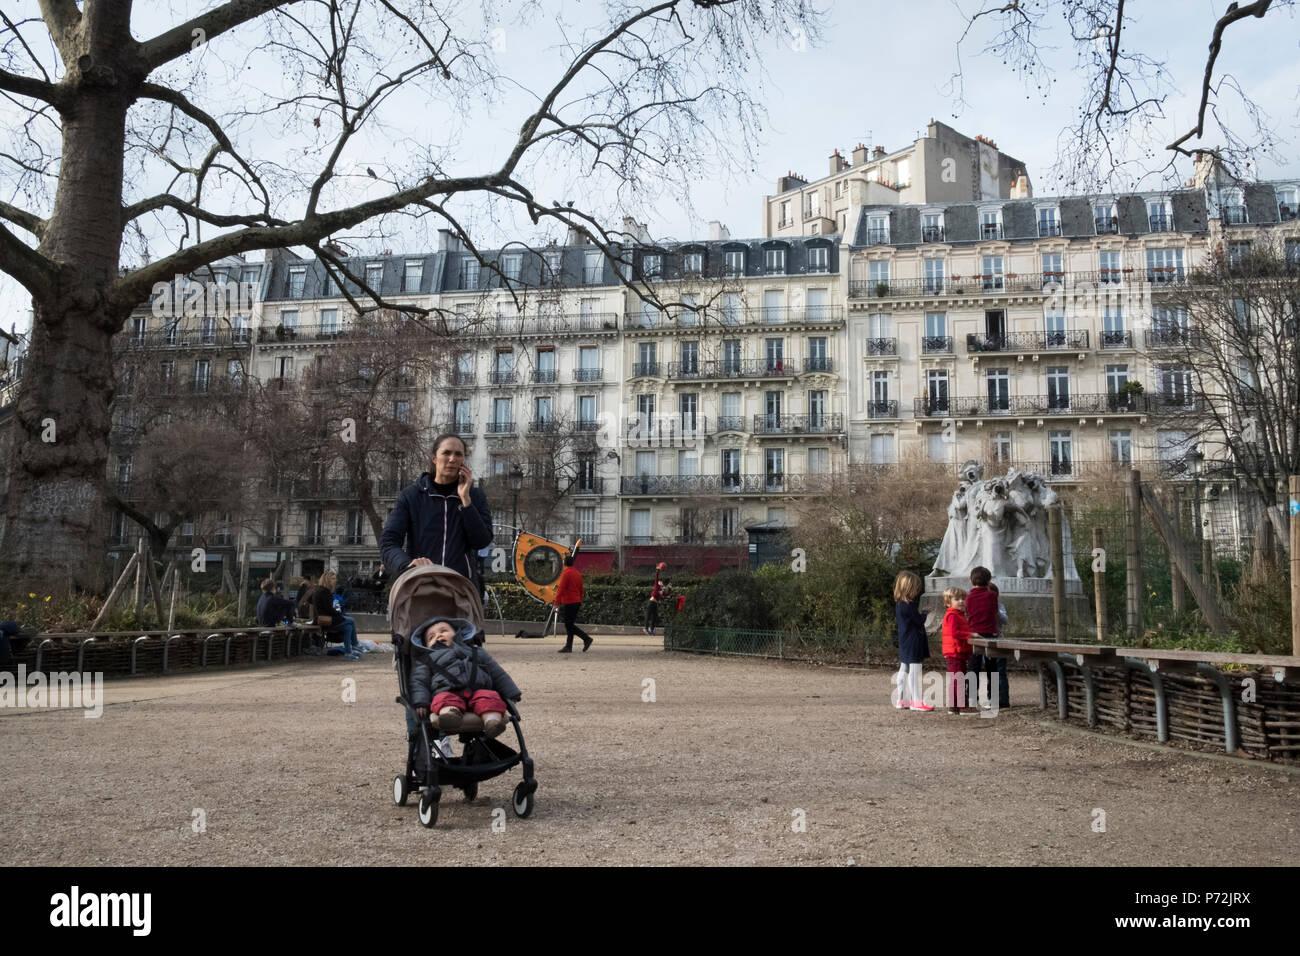 Place Montholon, Paris, 9th arrondissement - Stock Image